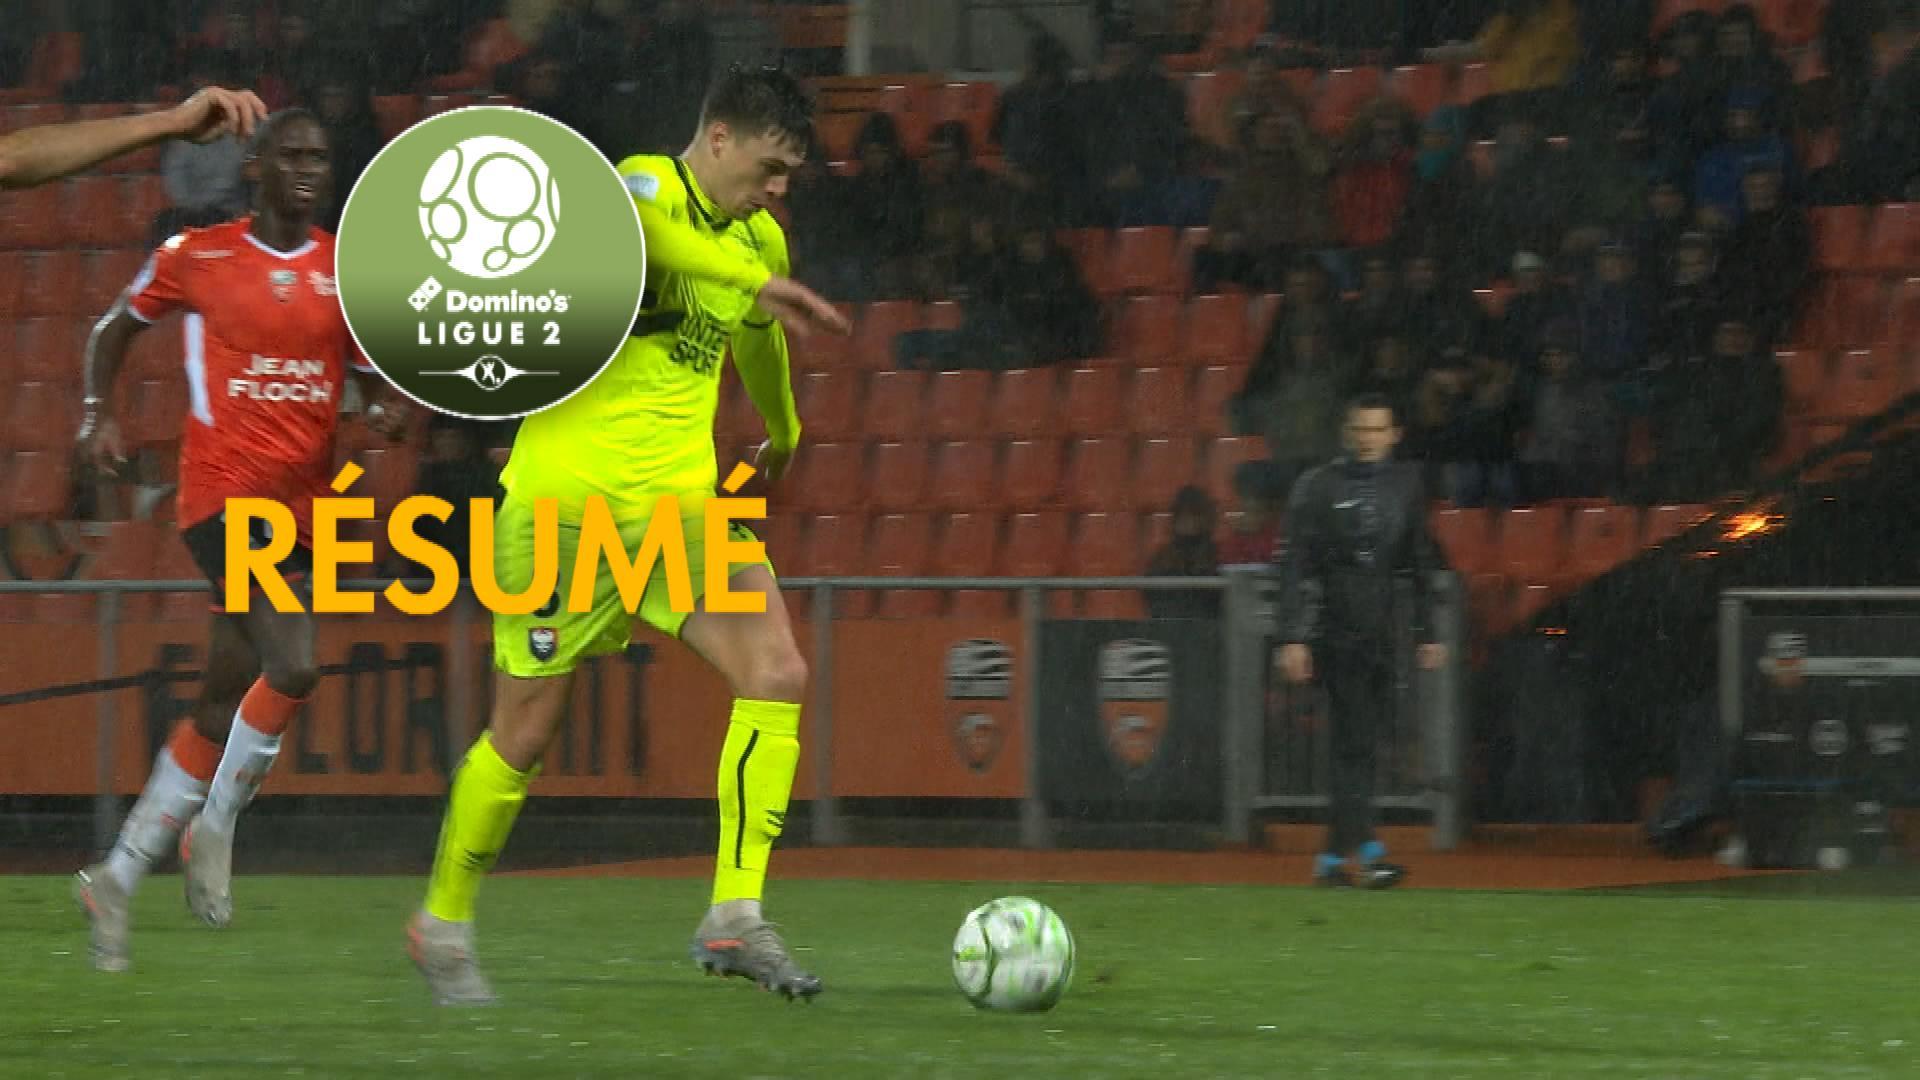 FC Lorient - SM Caen (2-1)  - Résumé - (FCL-SMC) / 2019-20